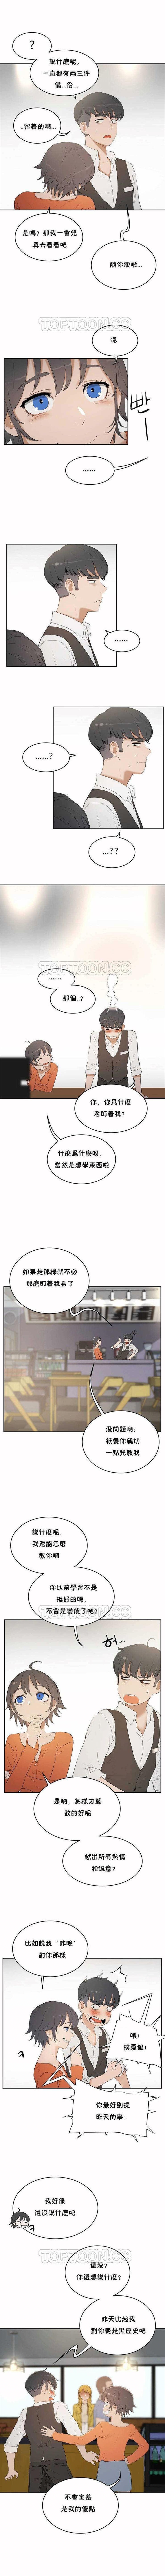 性教育 1-48.5 中文翻译(完結) 36